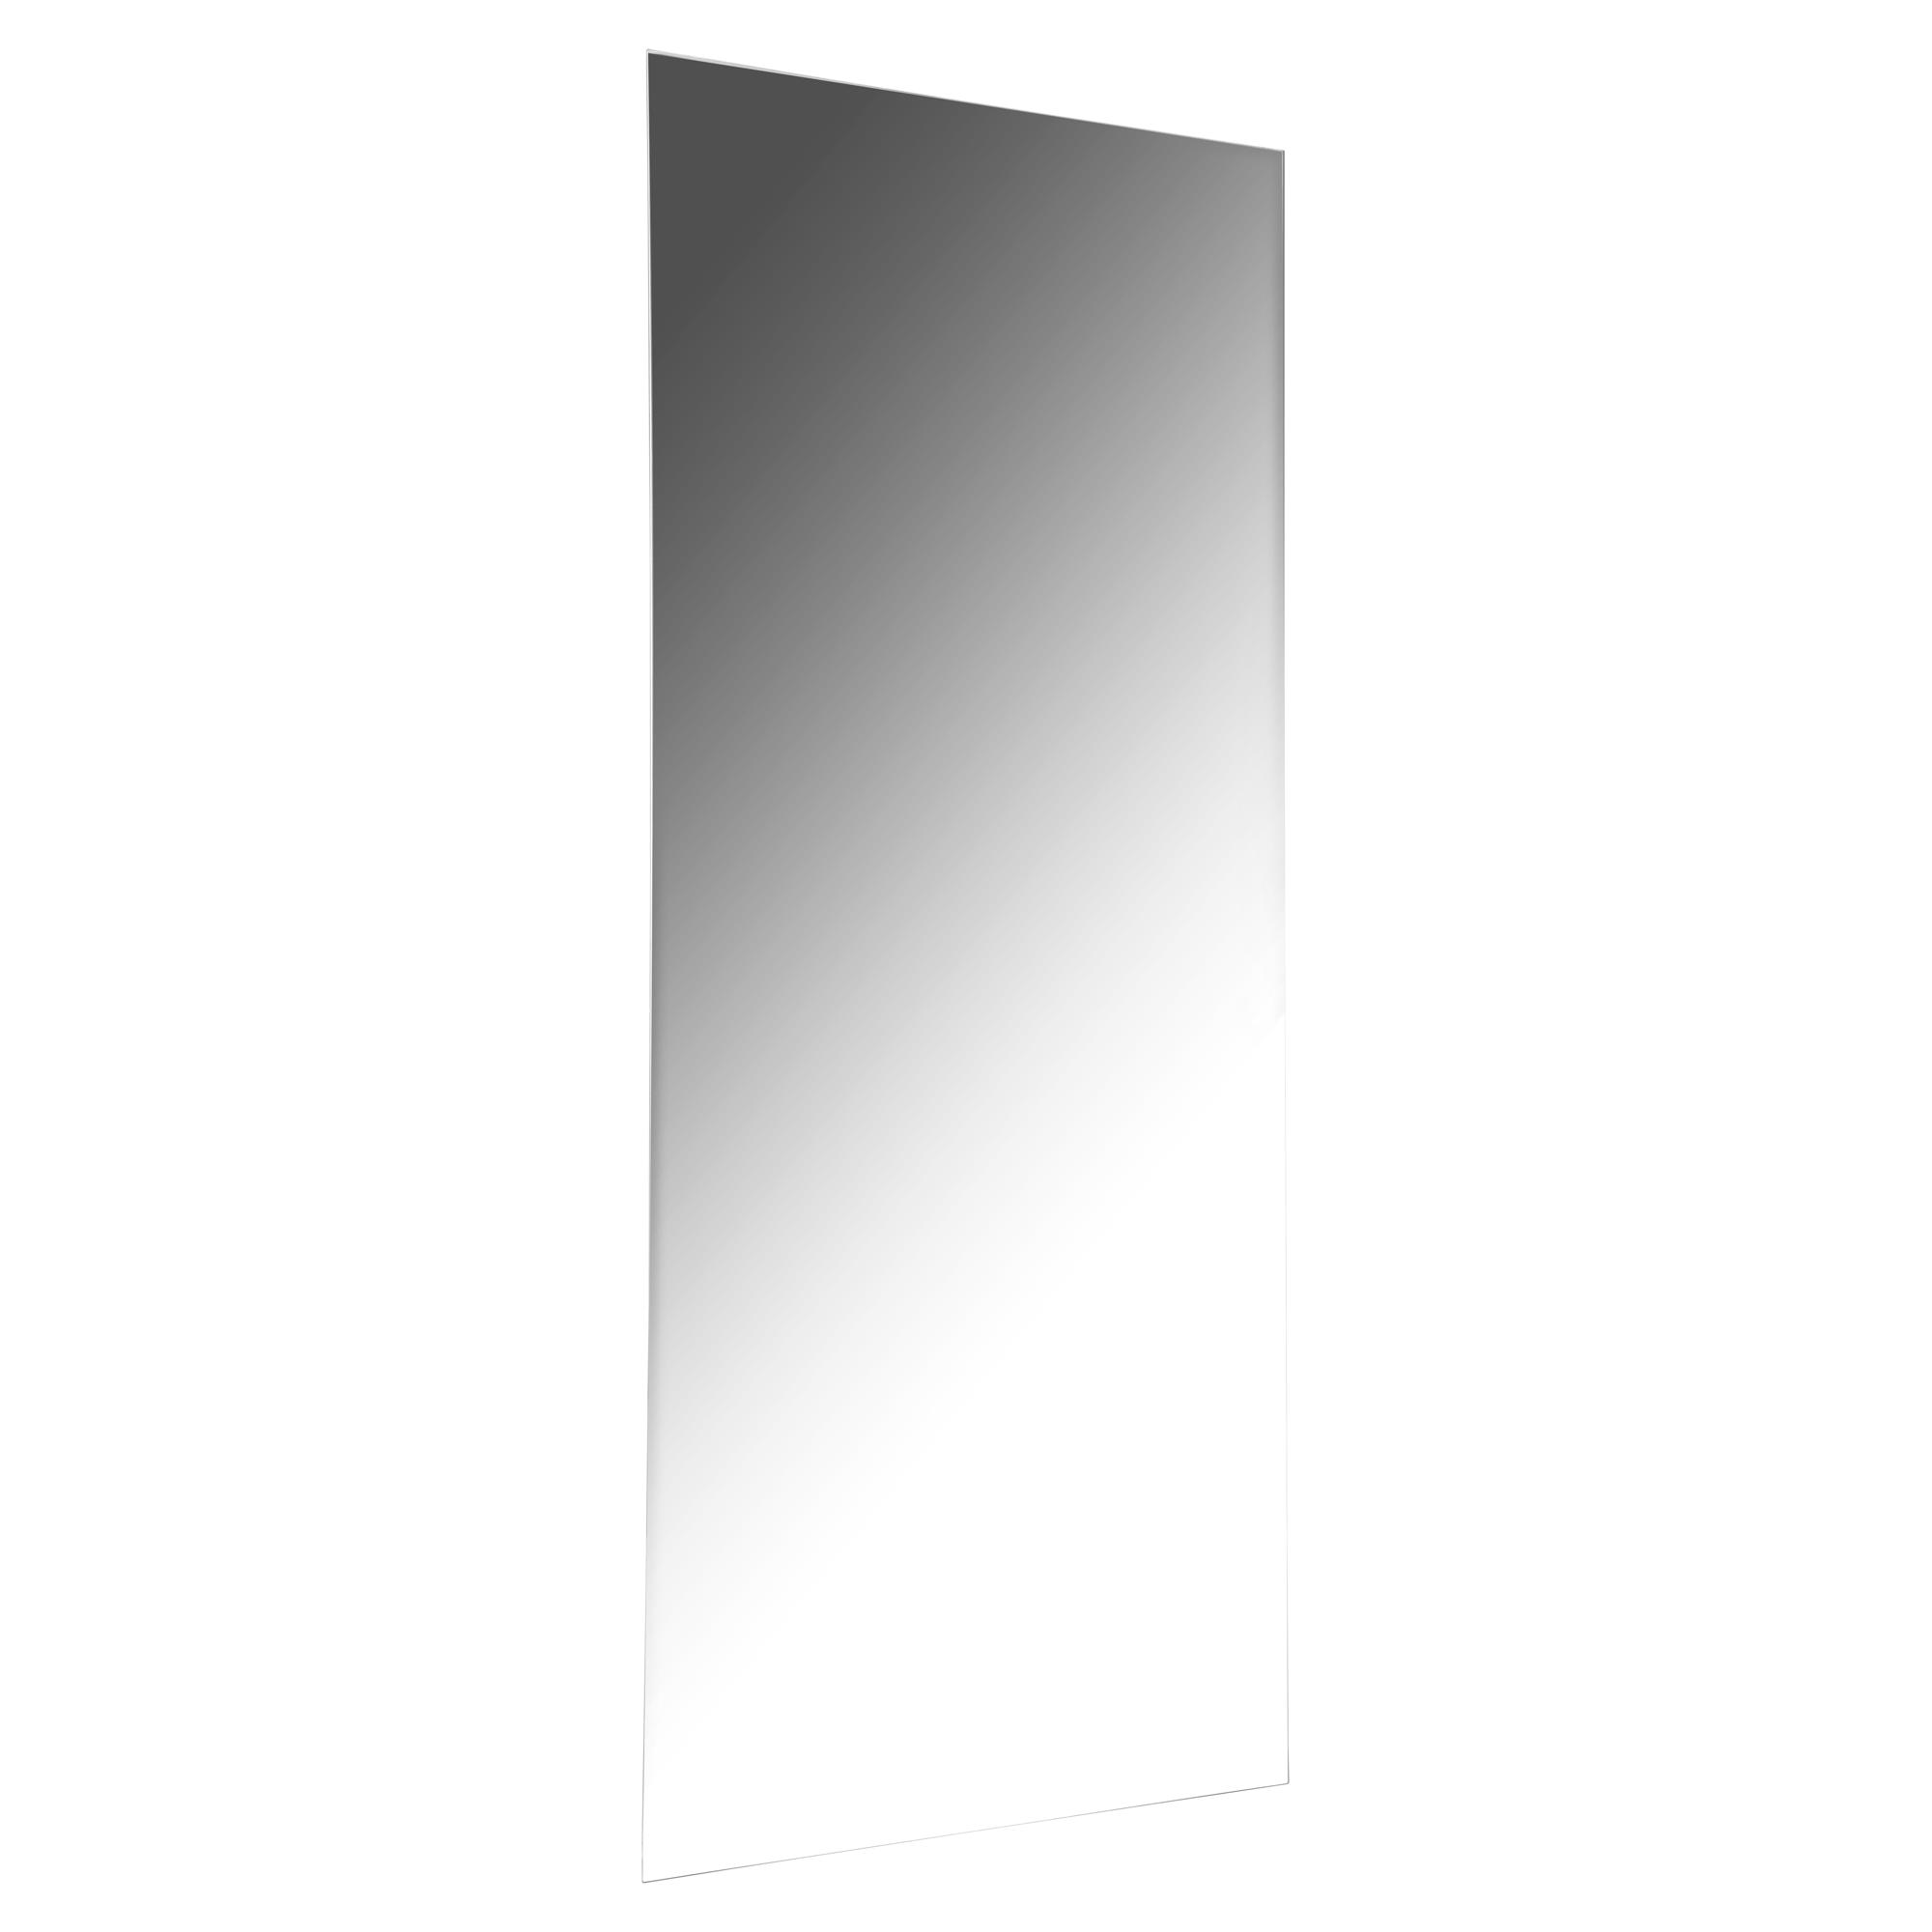 Kristall Form Spiegel Touch 39 X 111 ǀ Toom Baumarkt